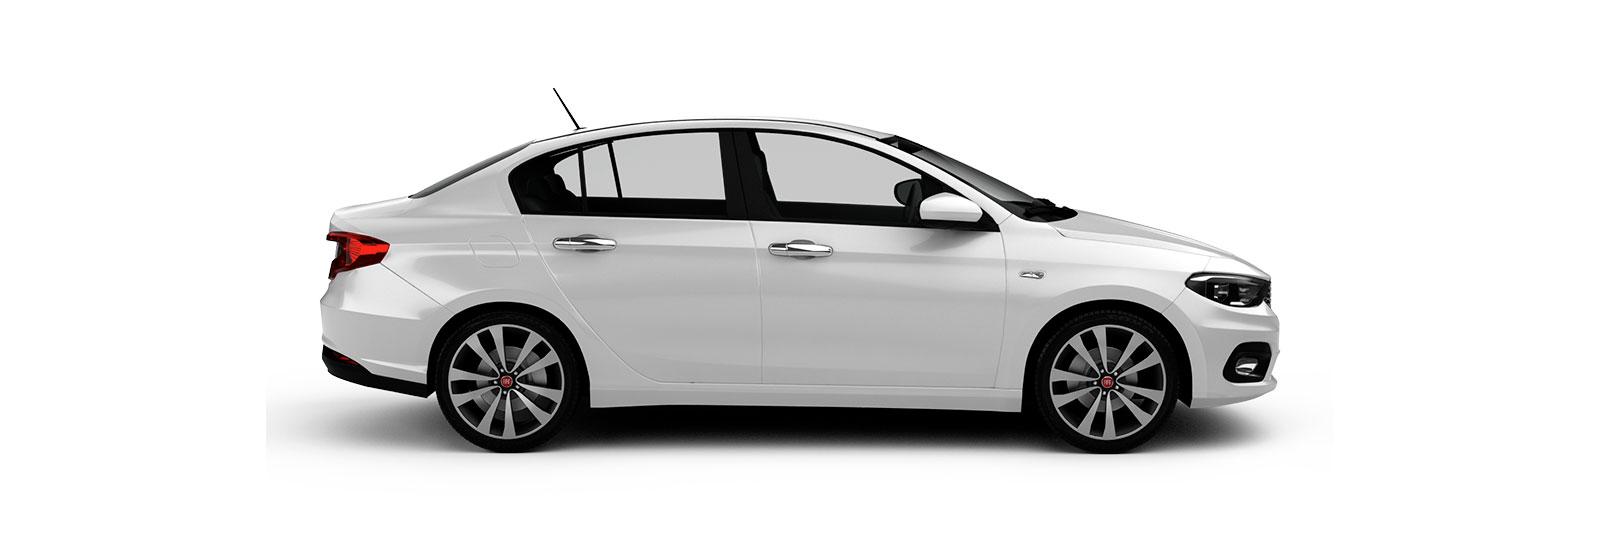 Fiat Egea 1.3 95HP Benzinli